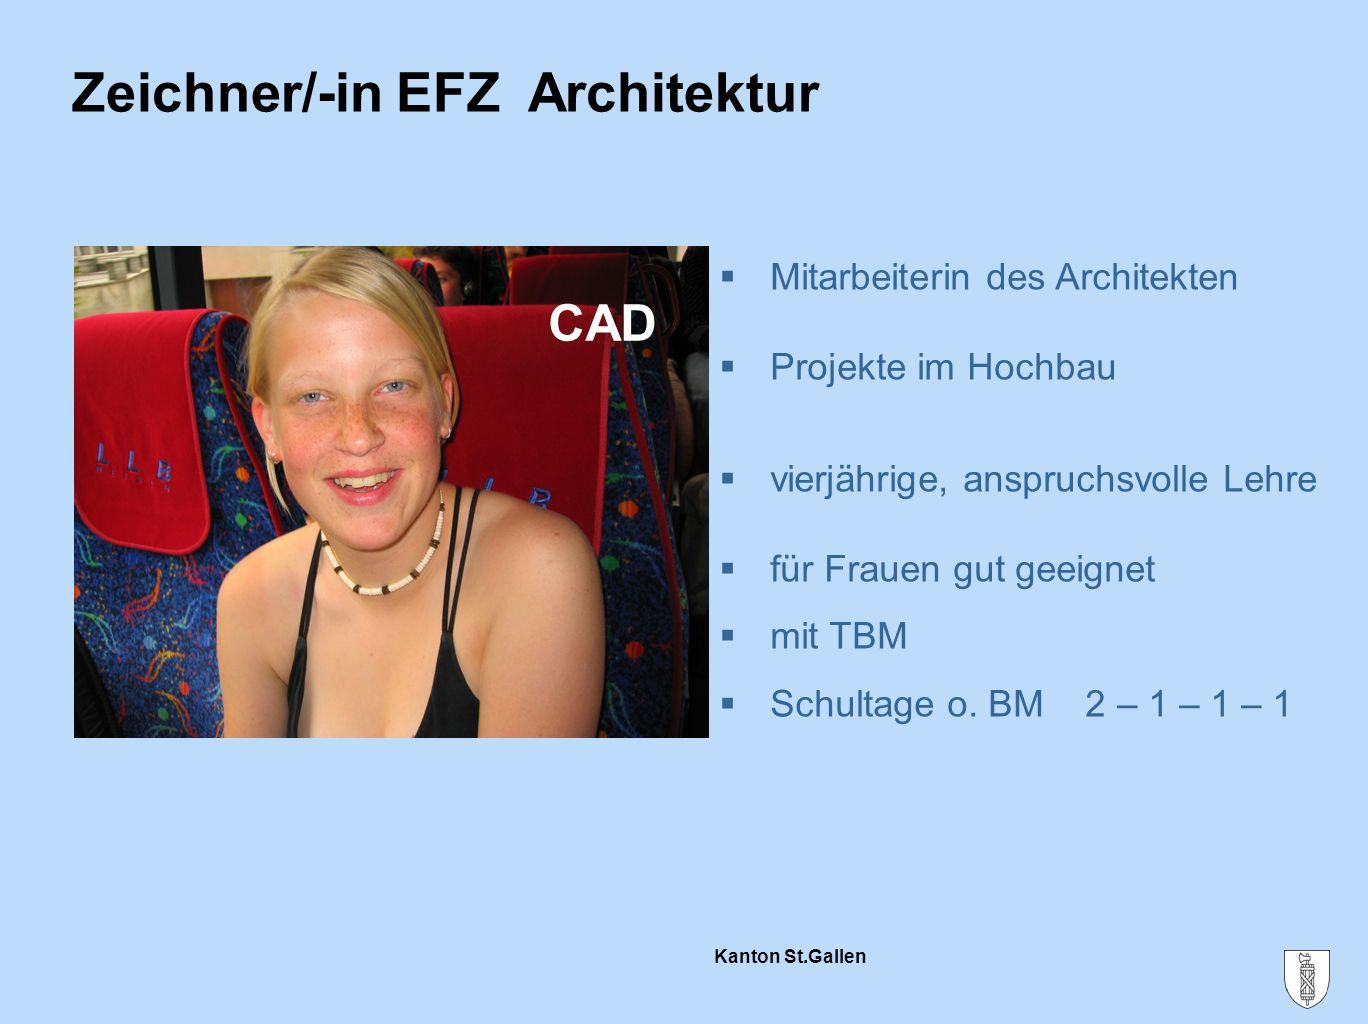 Kanton St.Gallen Zeichner/-in EFZ Architektur CAD  Mitarbeiterin des Architekten  Projekte im Hochbau  vierjährige, anspruchsvolle Lehre  für Frau